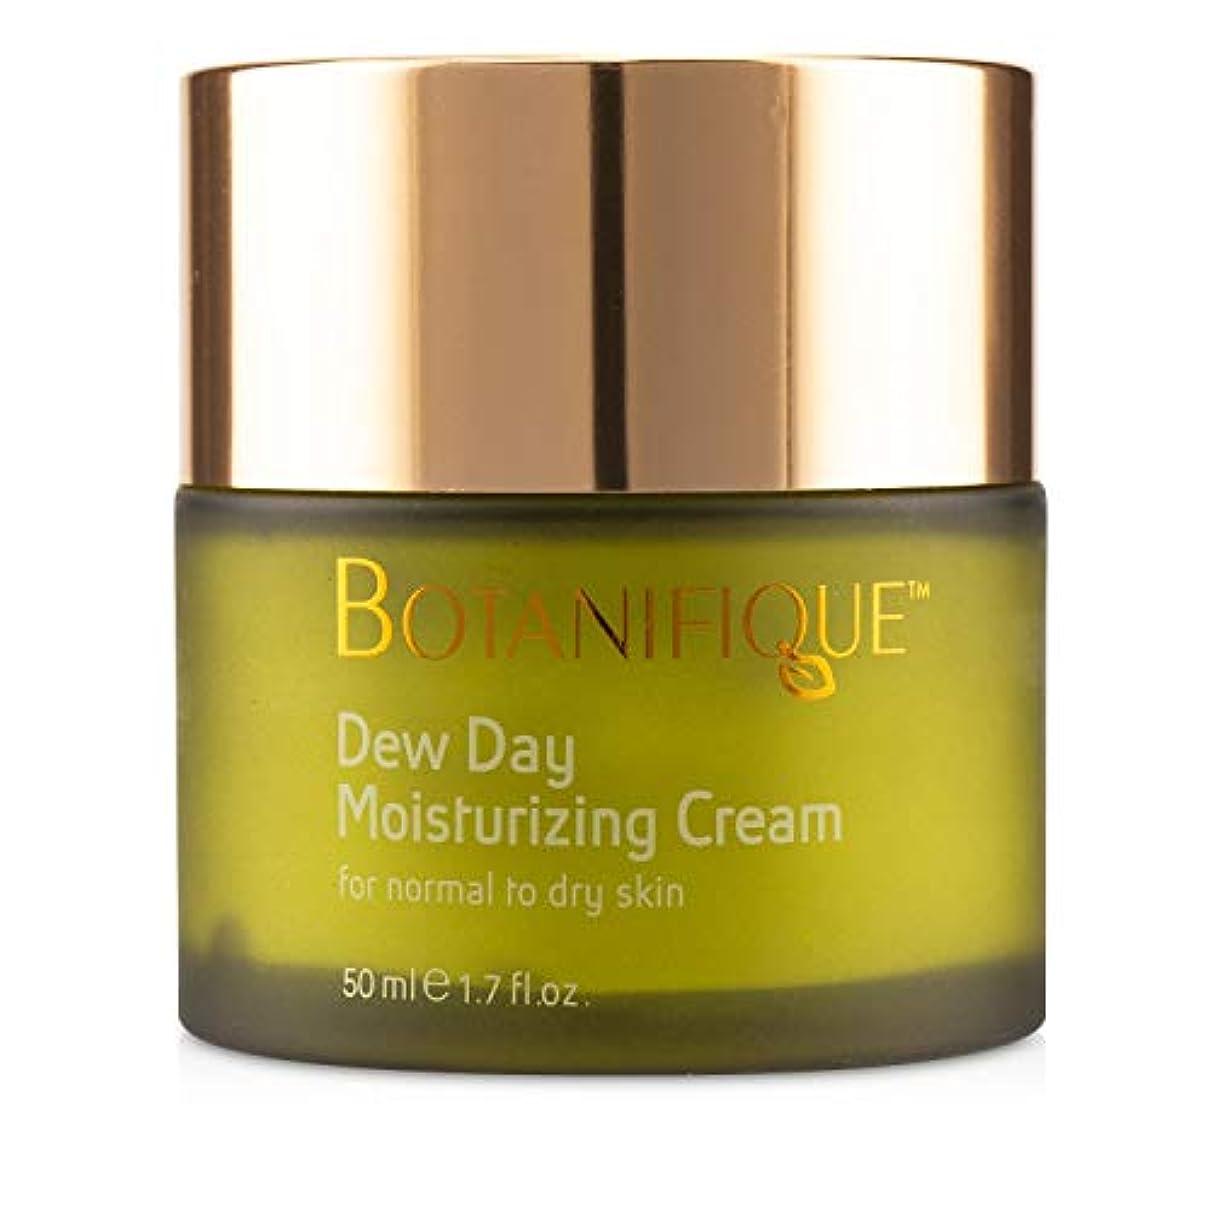 民族主義配管泥だらけBotanifique Dew Day Moisturizing Cream - For Normal to Dry Skin 50ml/1.7oz並行輸入品